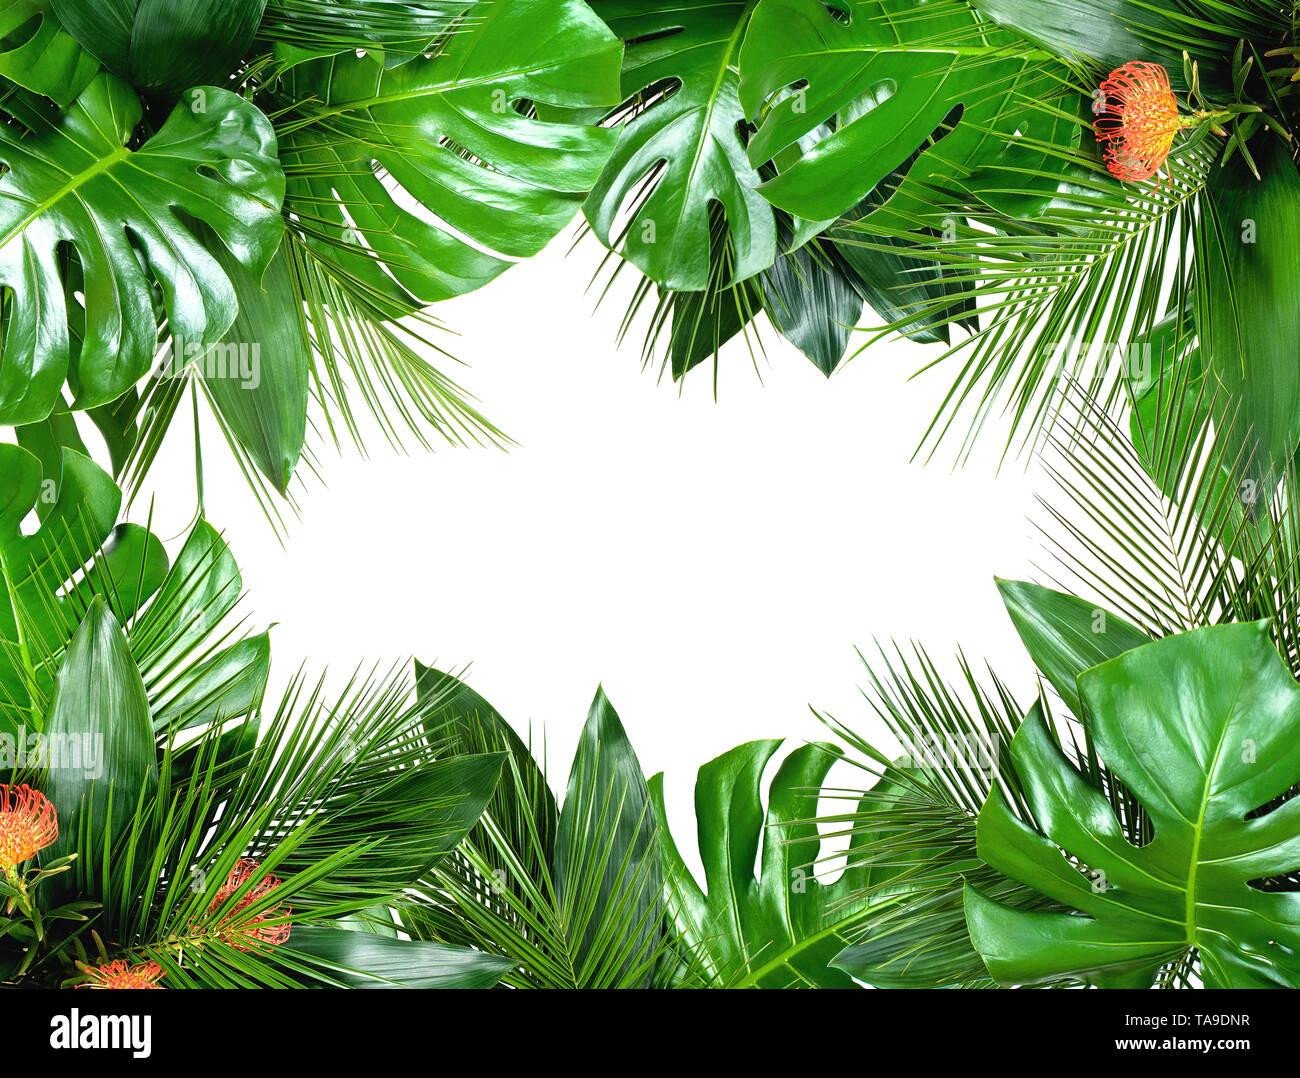 Nahaufnahme der Blumensträuße von verschiedenen frischen tropischen Blättern isoliert auf weißem Hintergrund. Design Template. Rahmen mit Kopie Platz für Text. Ansicht von oben, La Stockbild